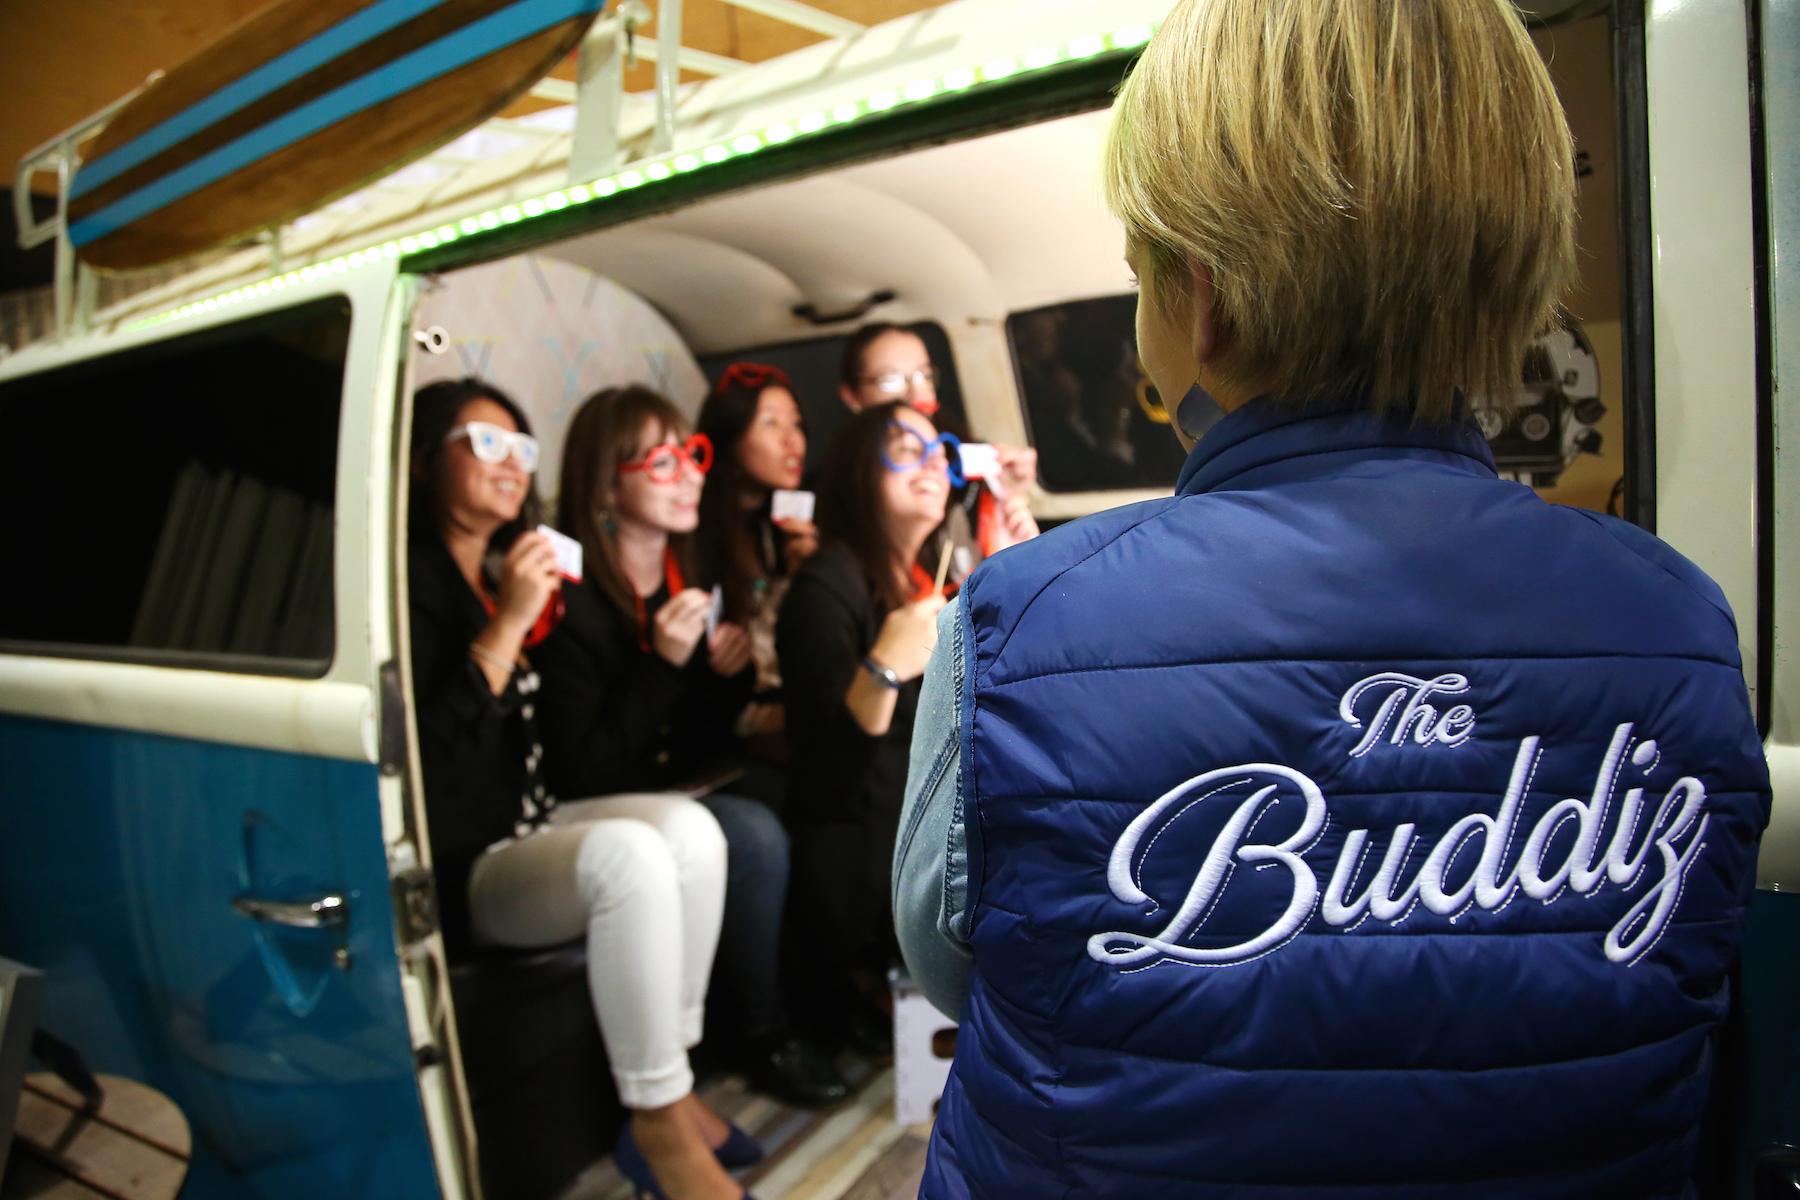 La cabine photo connectée dans un combi Volkswagen ? C'est TheBuddiz !